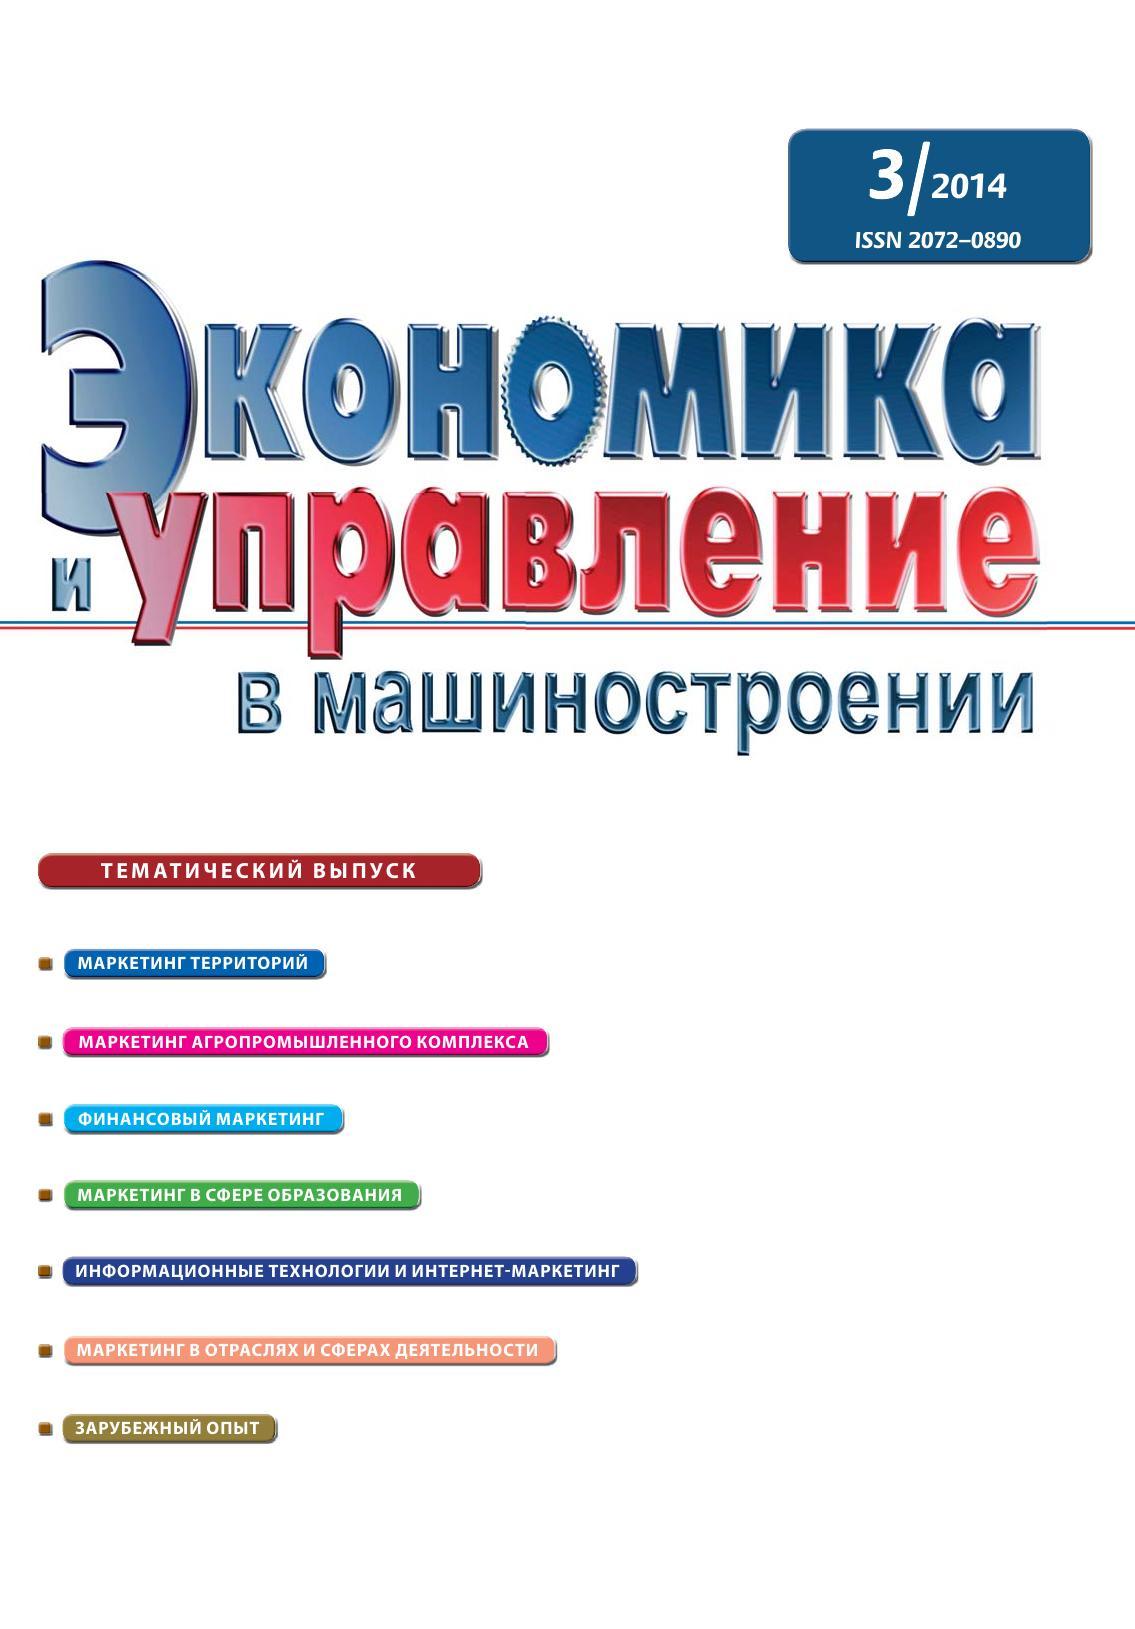 сборник Экономика и управление в машиностроении. № 3(33) сборник экономика и управление в машиностроении 6 декабрь 2014